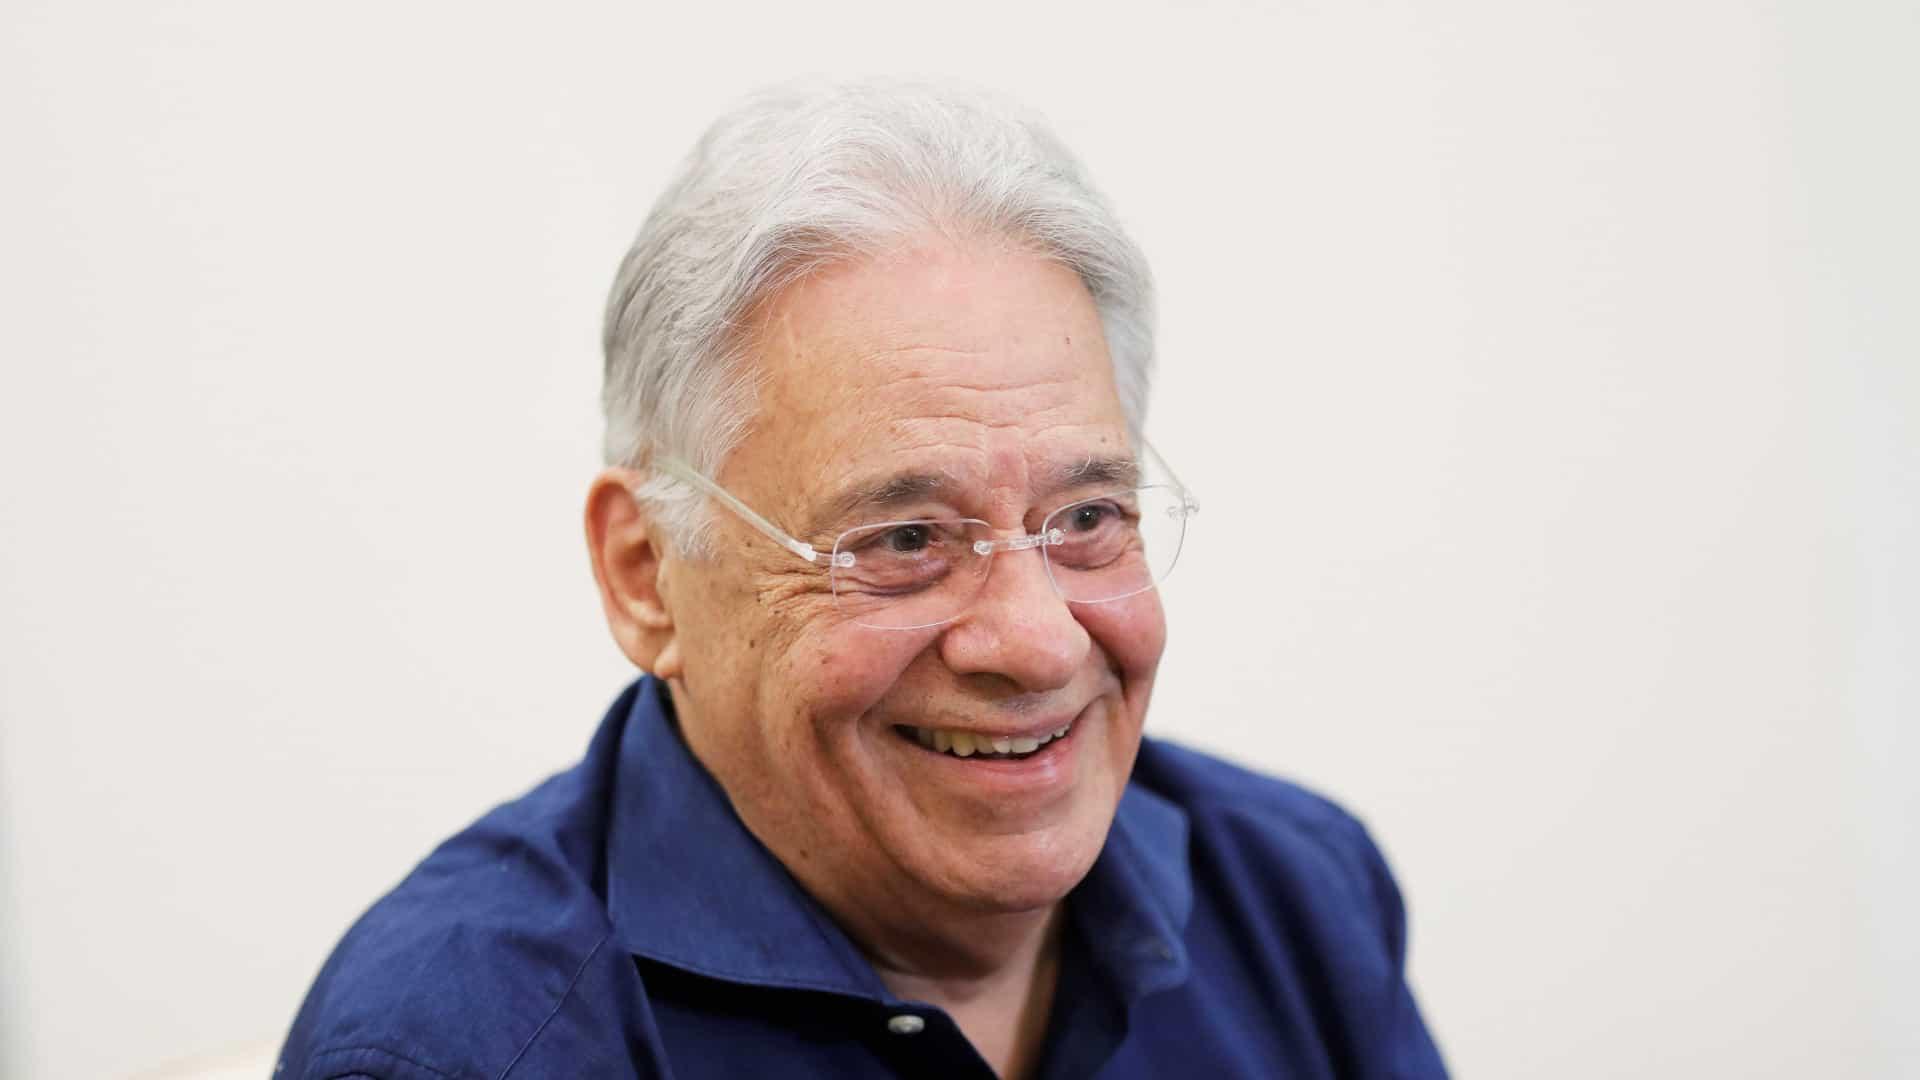 naom 5bde4990828e9 - FHC diz que votaria em Lula em 2º turno contra Bolsonaro